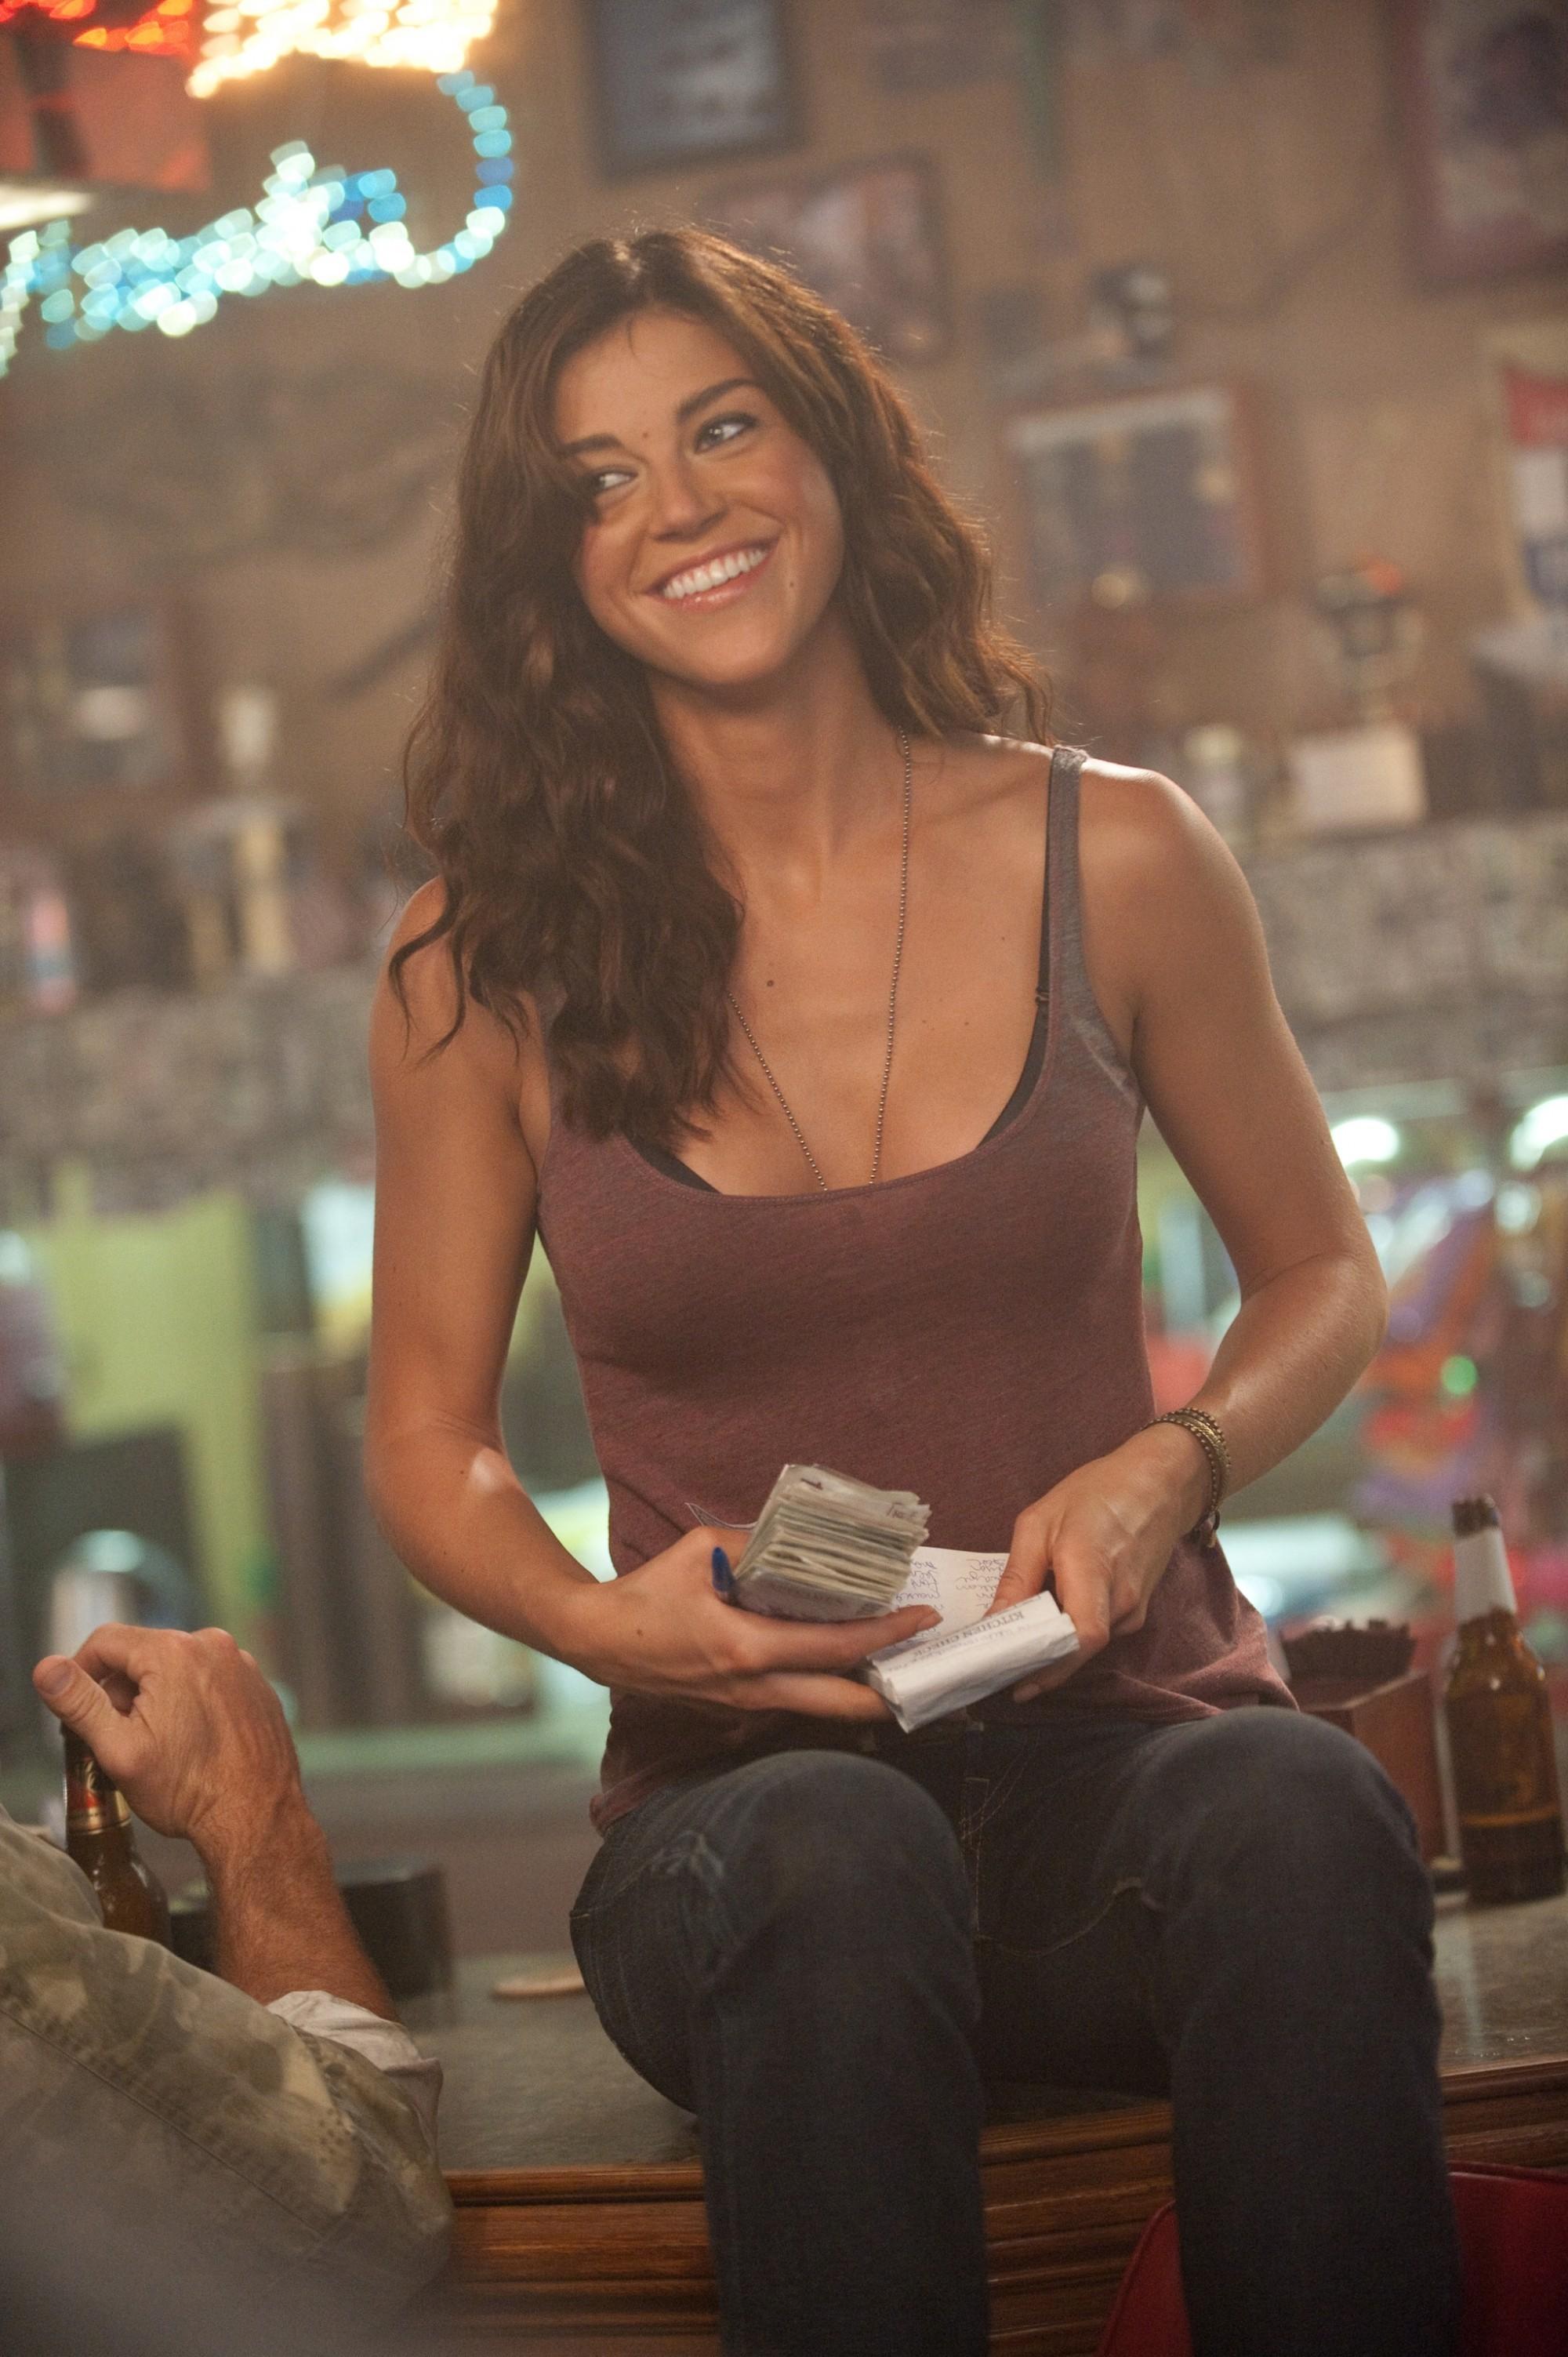 кадры из фильма G.I. Joe: Бросок кобры 2 Адрианна Пэлики,